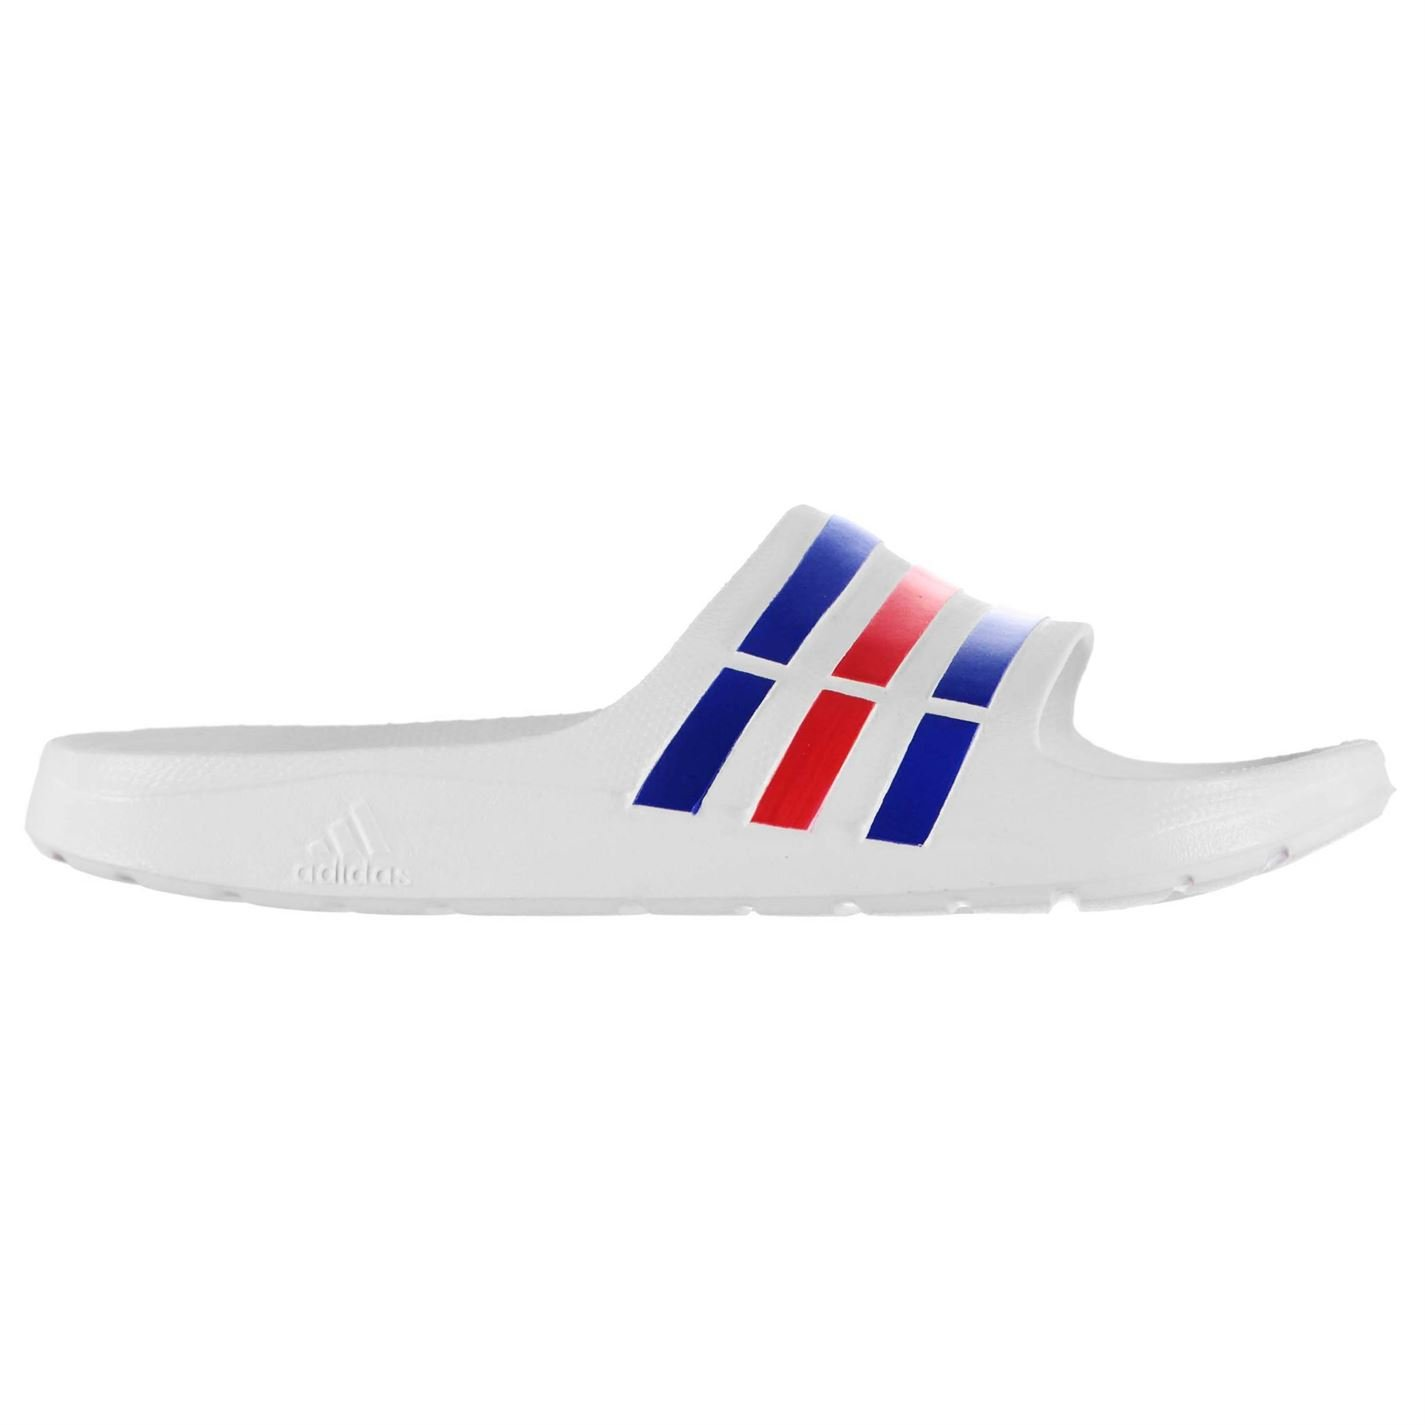 e44dfe613b3f3 Adidas Mens Duramo Slide On Pool Shoes   White